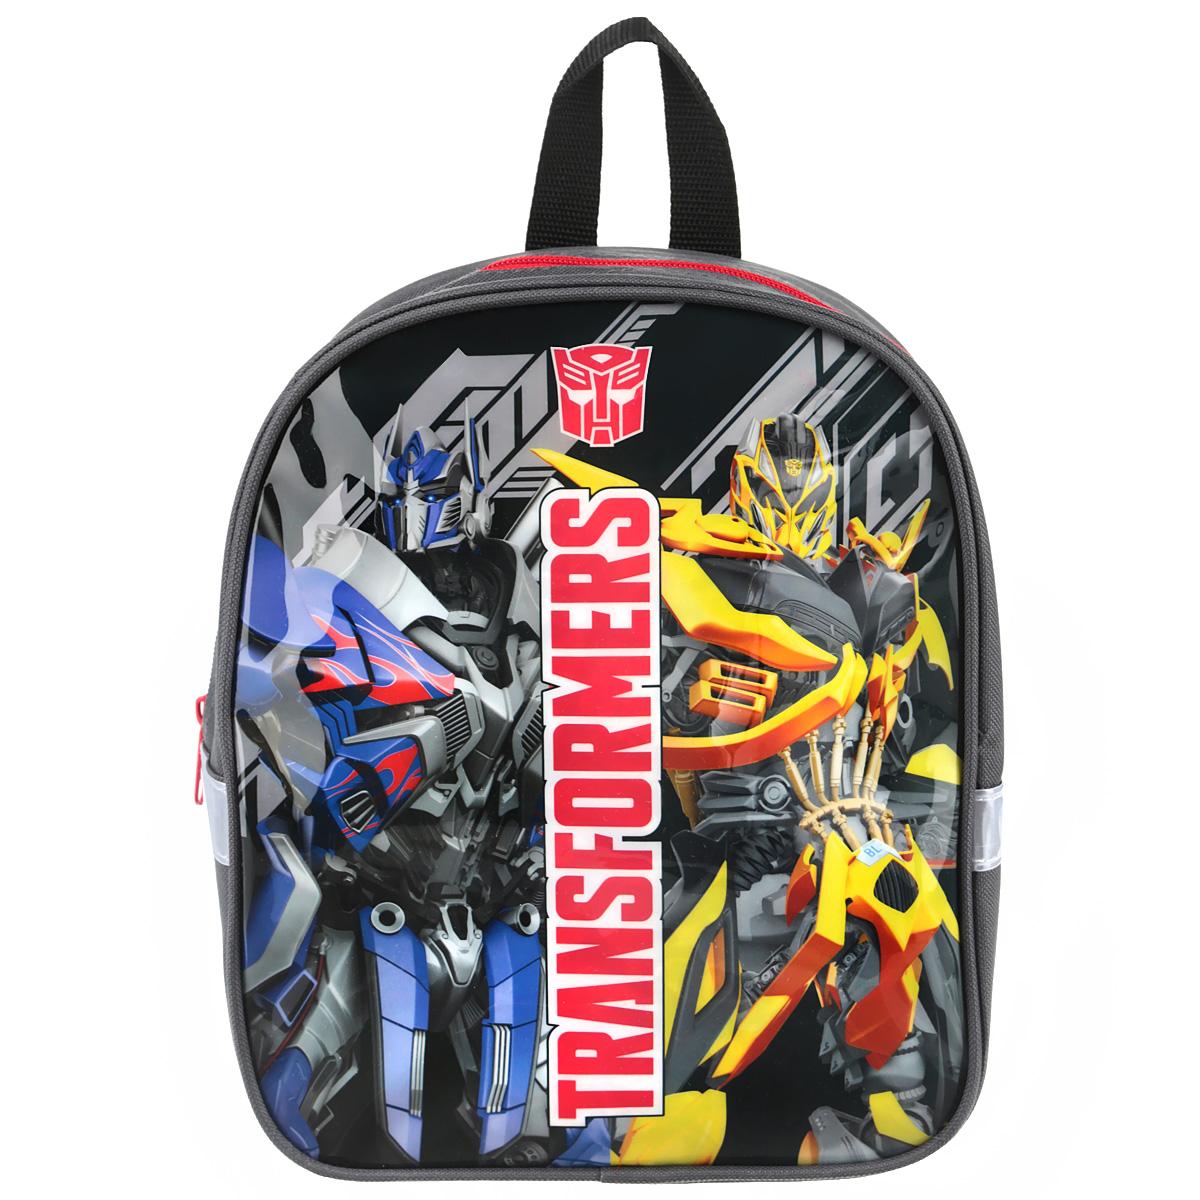 Рюкзак детский Transformers Prime, цвет: серыйTRCB-UT4-511Рюкзак детский Transformers Prime выполнен из прочного водоотталкивающего полиэстера с глянцевым рисунком трансформеров. Рюкзак содержит одно вместительное отделение, закрывающееся на застежку-молнию.Широкие мягкие лямки, регулируются по длине, равномерно распределяют нагрузку на плечевой пояс. Рюкзак оснащен светоотражателями и текстильной ручкой для переноски в руке. С модным рюкзаком Transformers ваш малыш будет звездой! Стильный и продуманный до мелочей рюкзак позаботится о том, чтобы учеба доставляла ребенку только удовольствие.